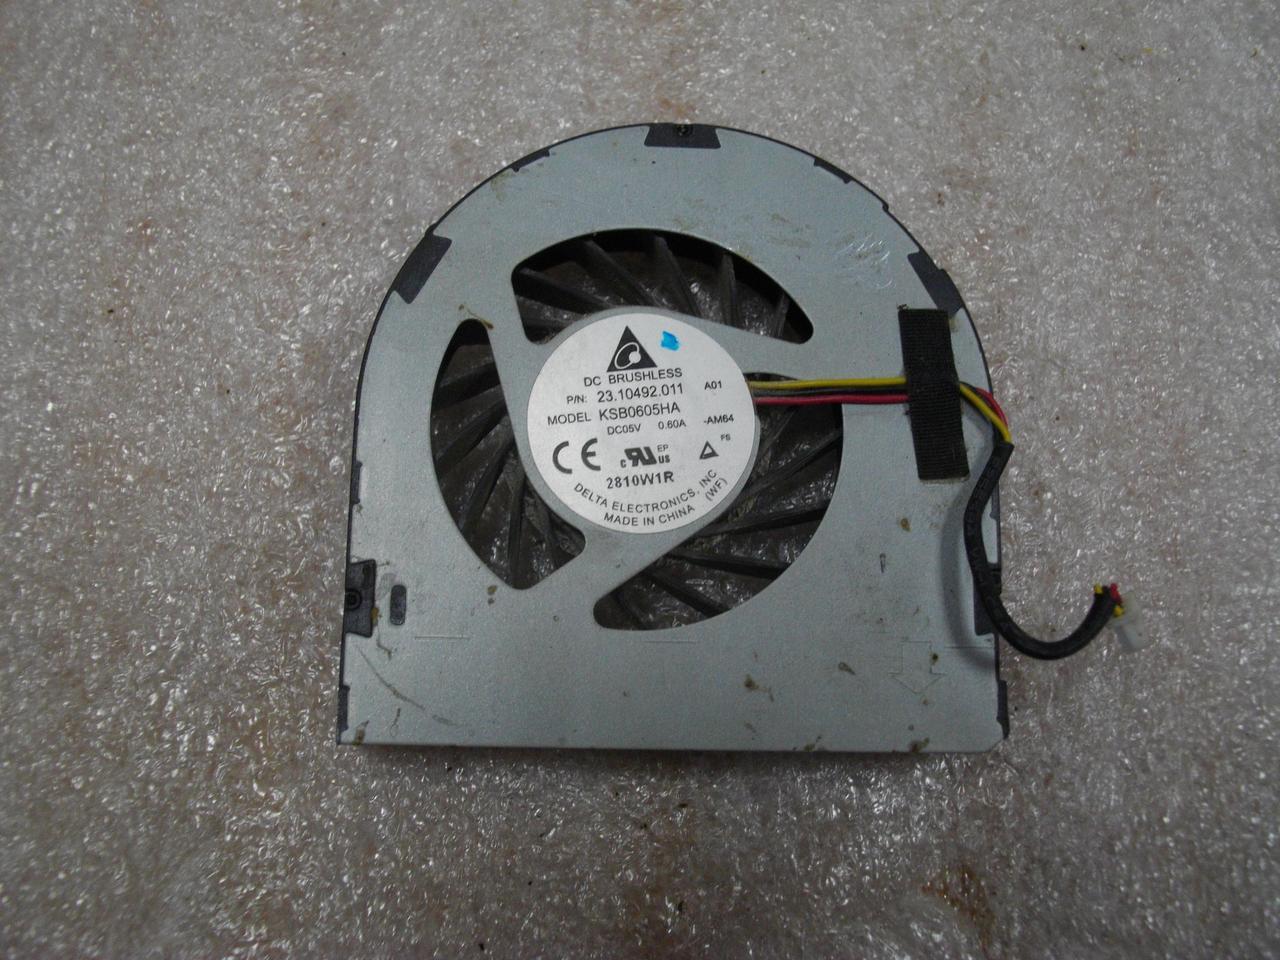 Вентилятор оригінальний бо DELL Inspiron 3520, KSB0605HA